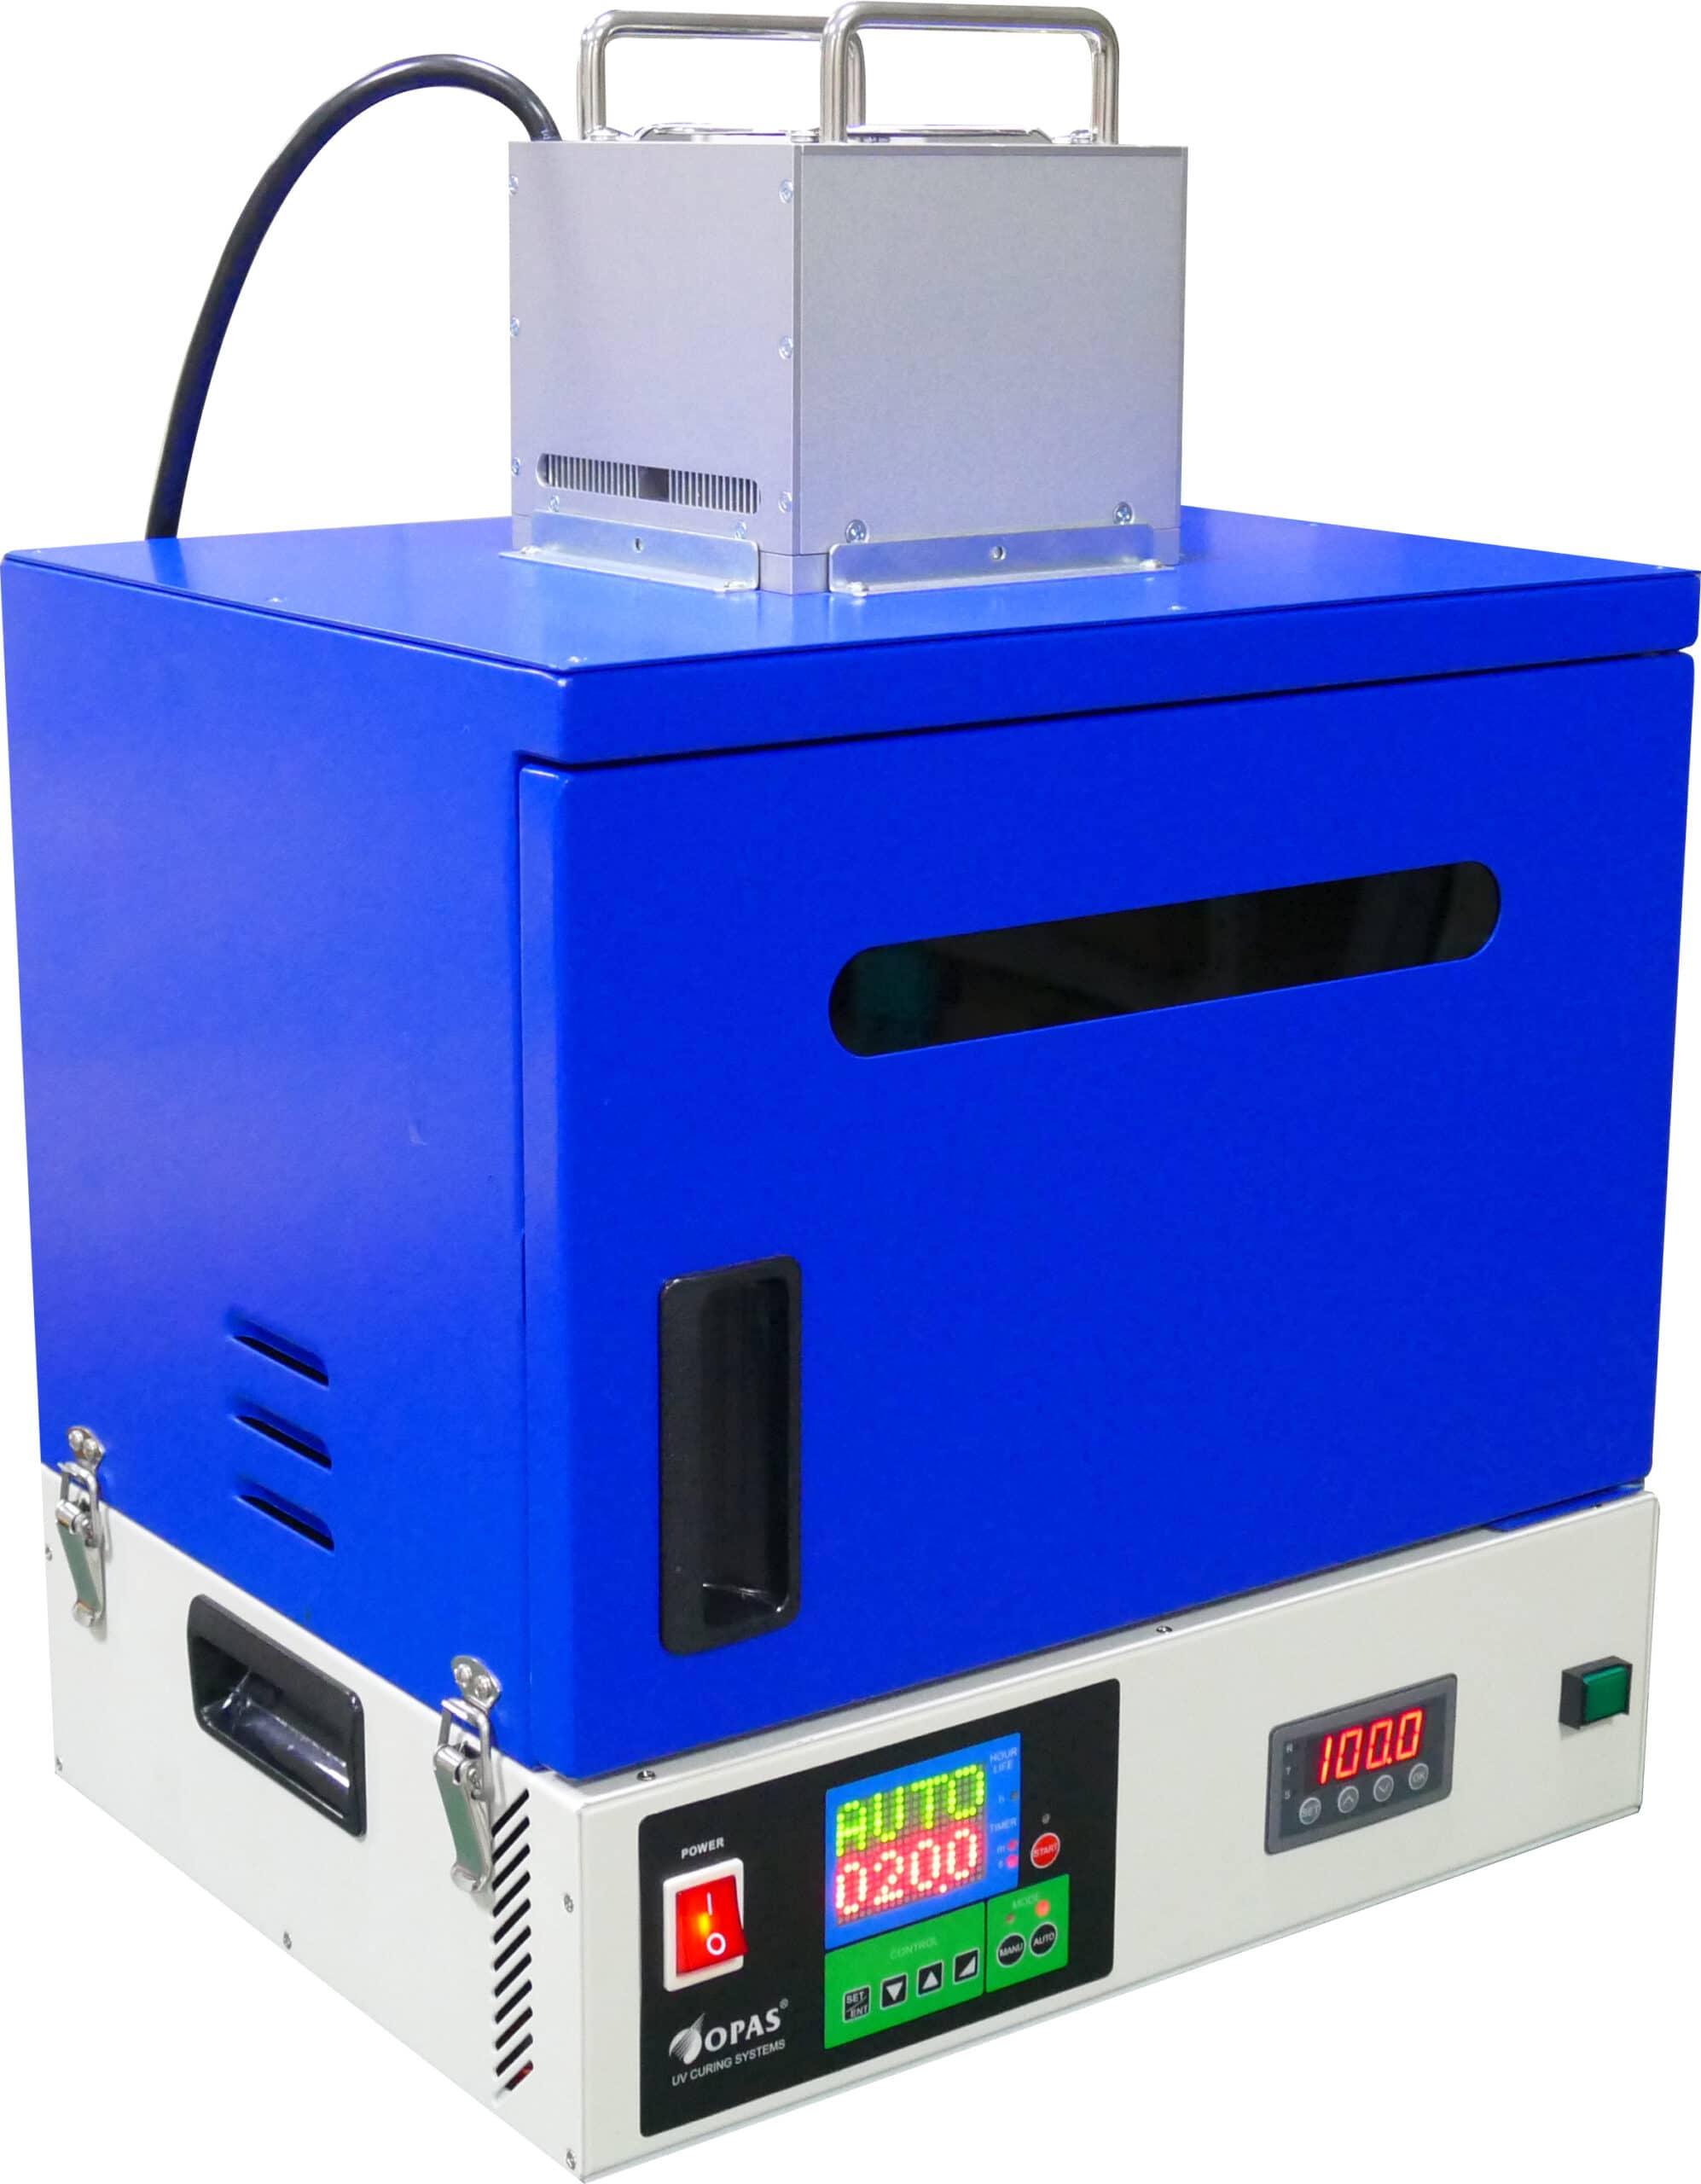 ADXLITELED500-Robocol